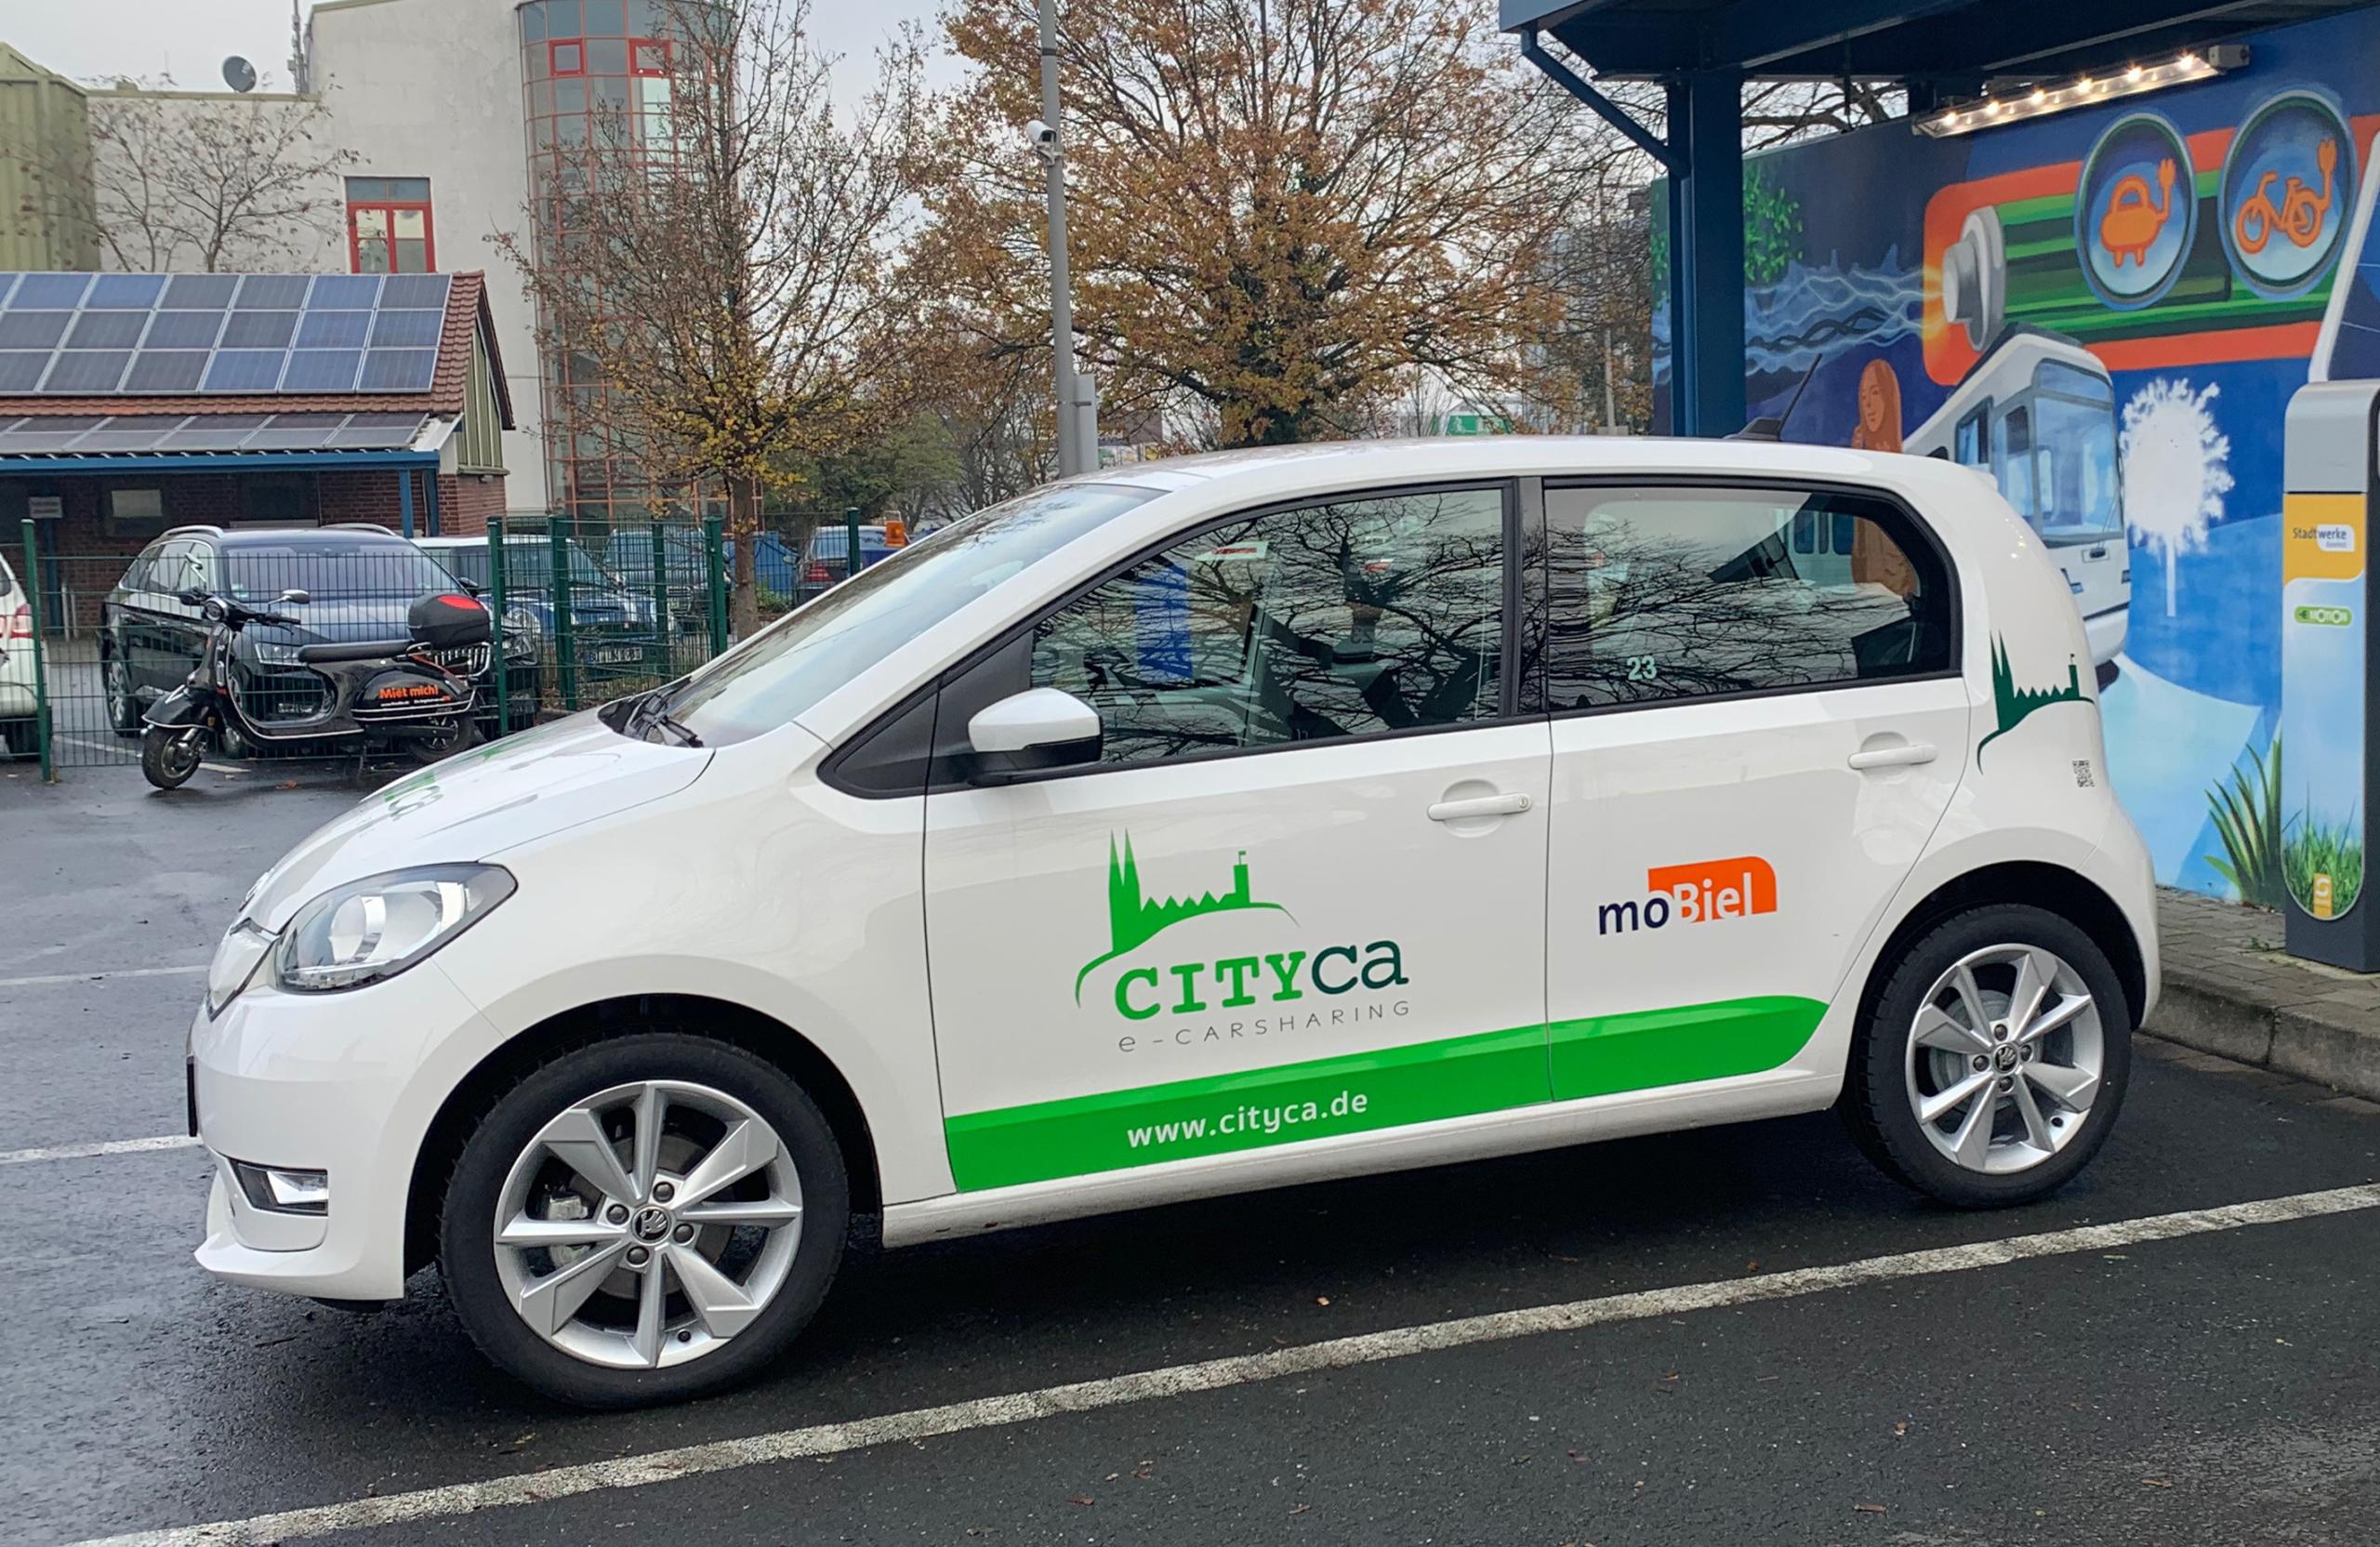 Carsharing Fahrzeugflotte von CITYca